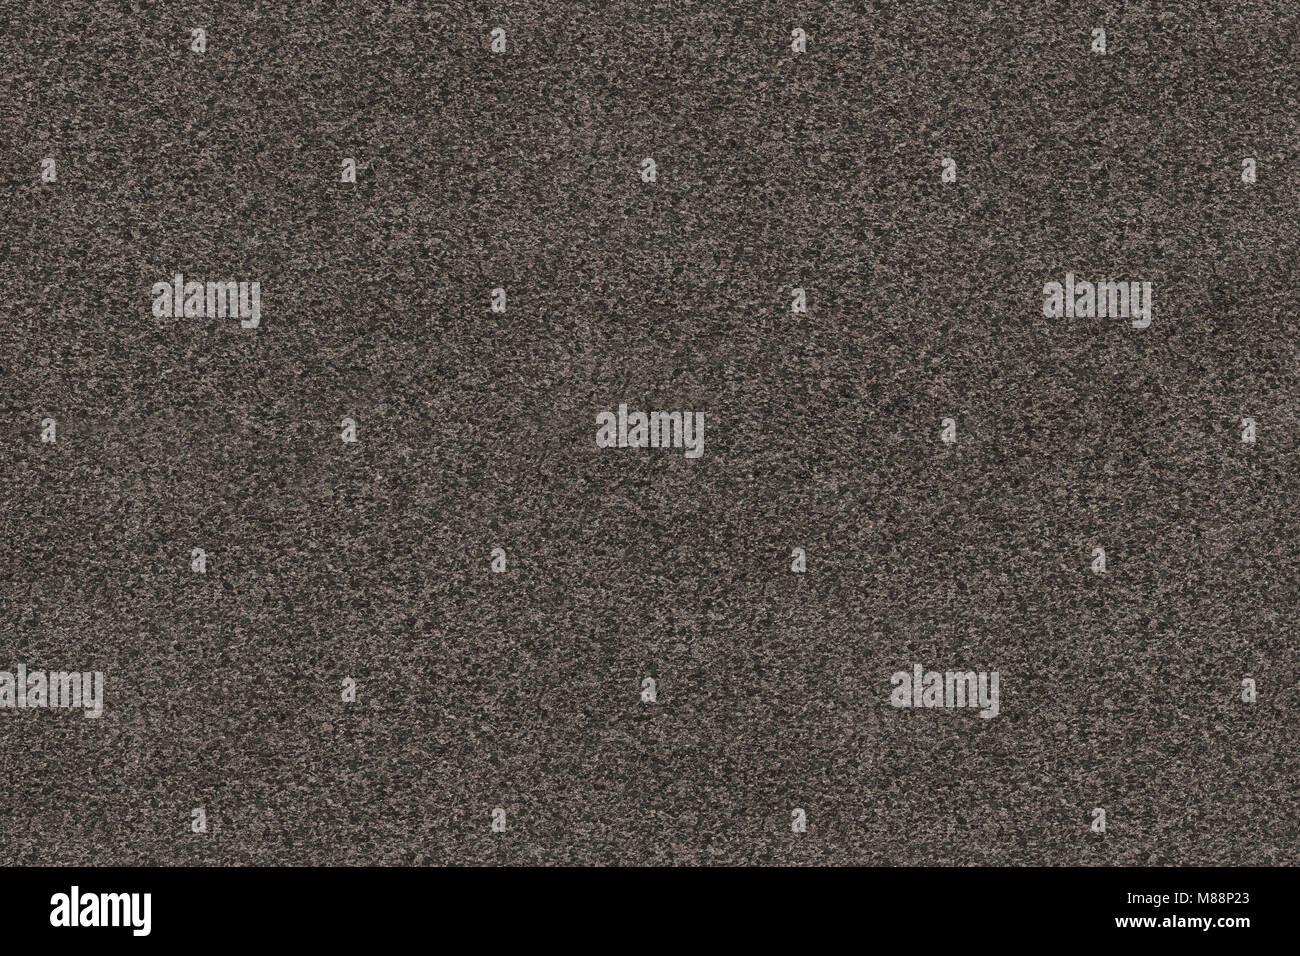 granite wallpaper in brown color - Stock Image